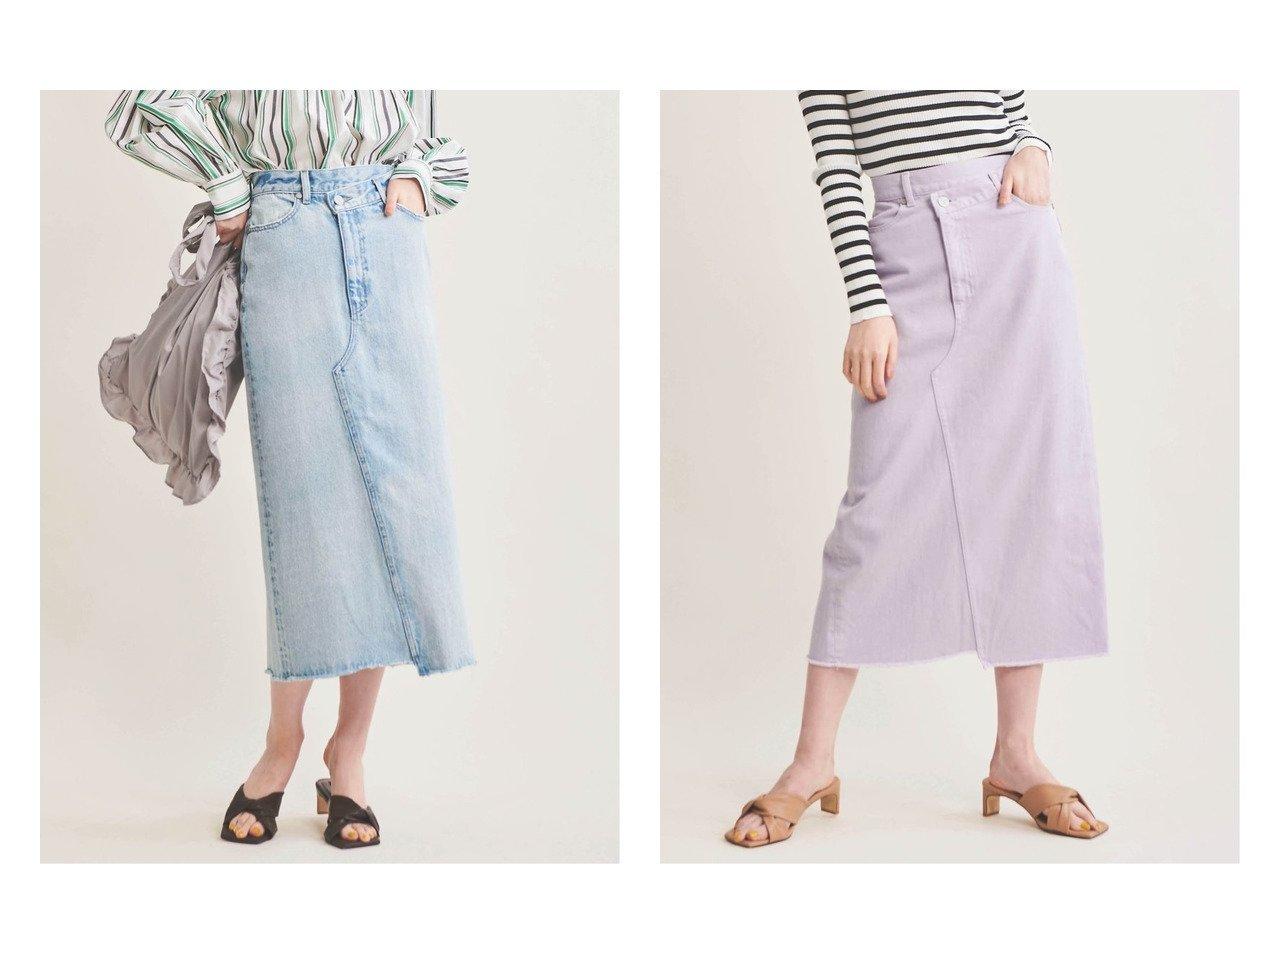 【The Virgnia/ザ ヴァージニア】のデニムタイトスカート スカートのおすすめ!人気、トレンド・レディースファッションの通販 おすすめで人気の流行・トレンド、ファッションの通販商品 メンズファッション・キッズファッション・インテリア・家具・レディースファッション・服の通販 founy(ファニー) https://founy.com/ ファッション Fashion レディースファッション WOMEN スカート Skirt デニムスカート Denim Skirts NEW・新作・新着・新入荷 New Arrivals スリット デニム ラベンダー 定番 Standard |ID:crp329100000018918